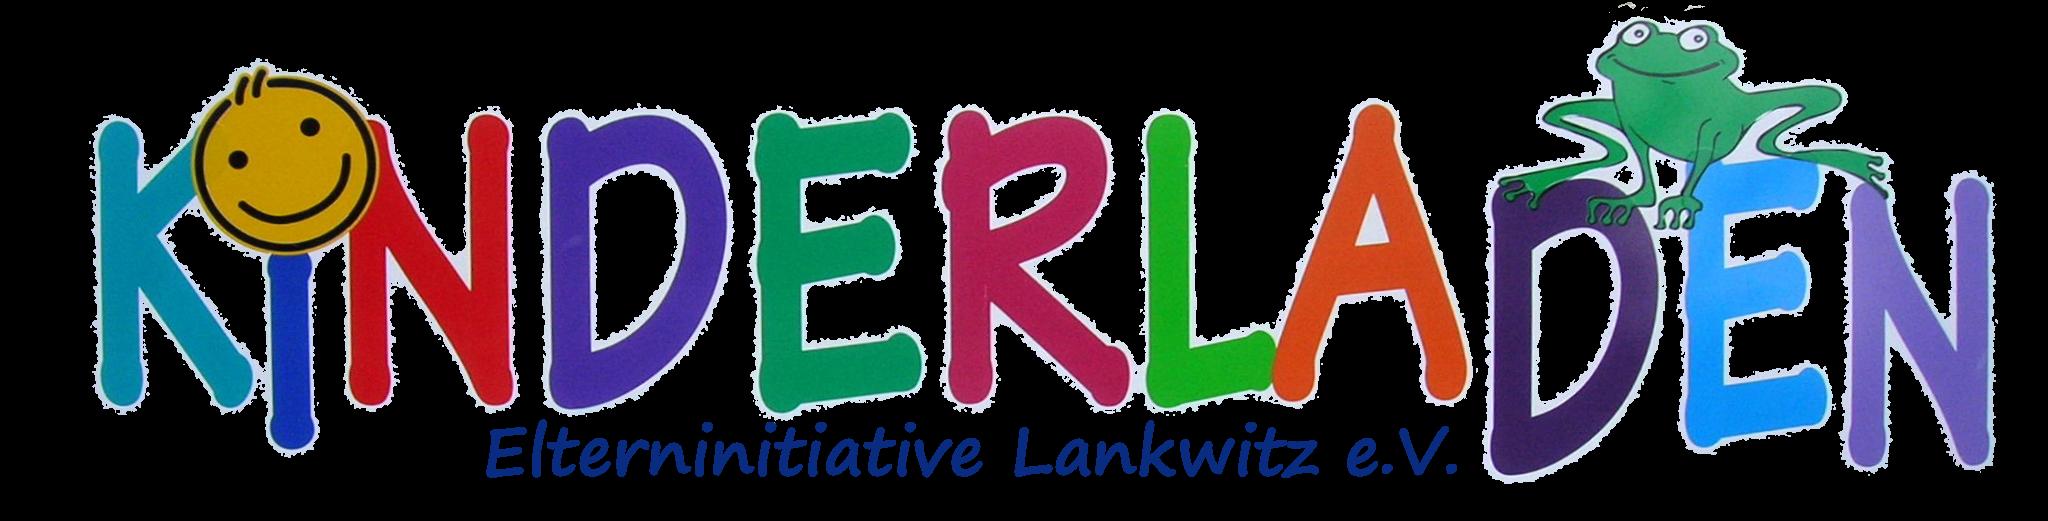 Elterninitiative Lankwitz e.V.